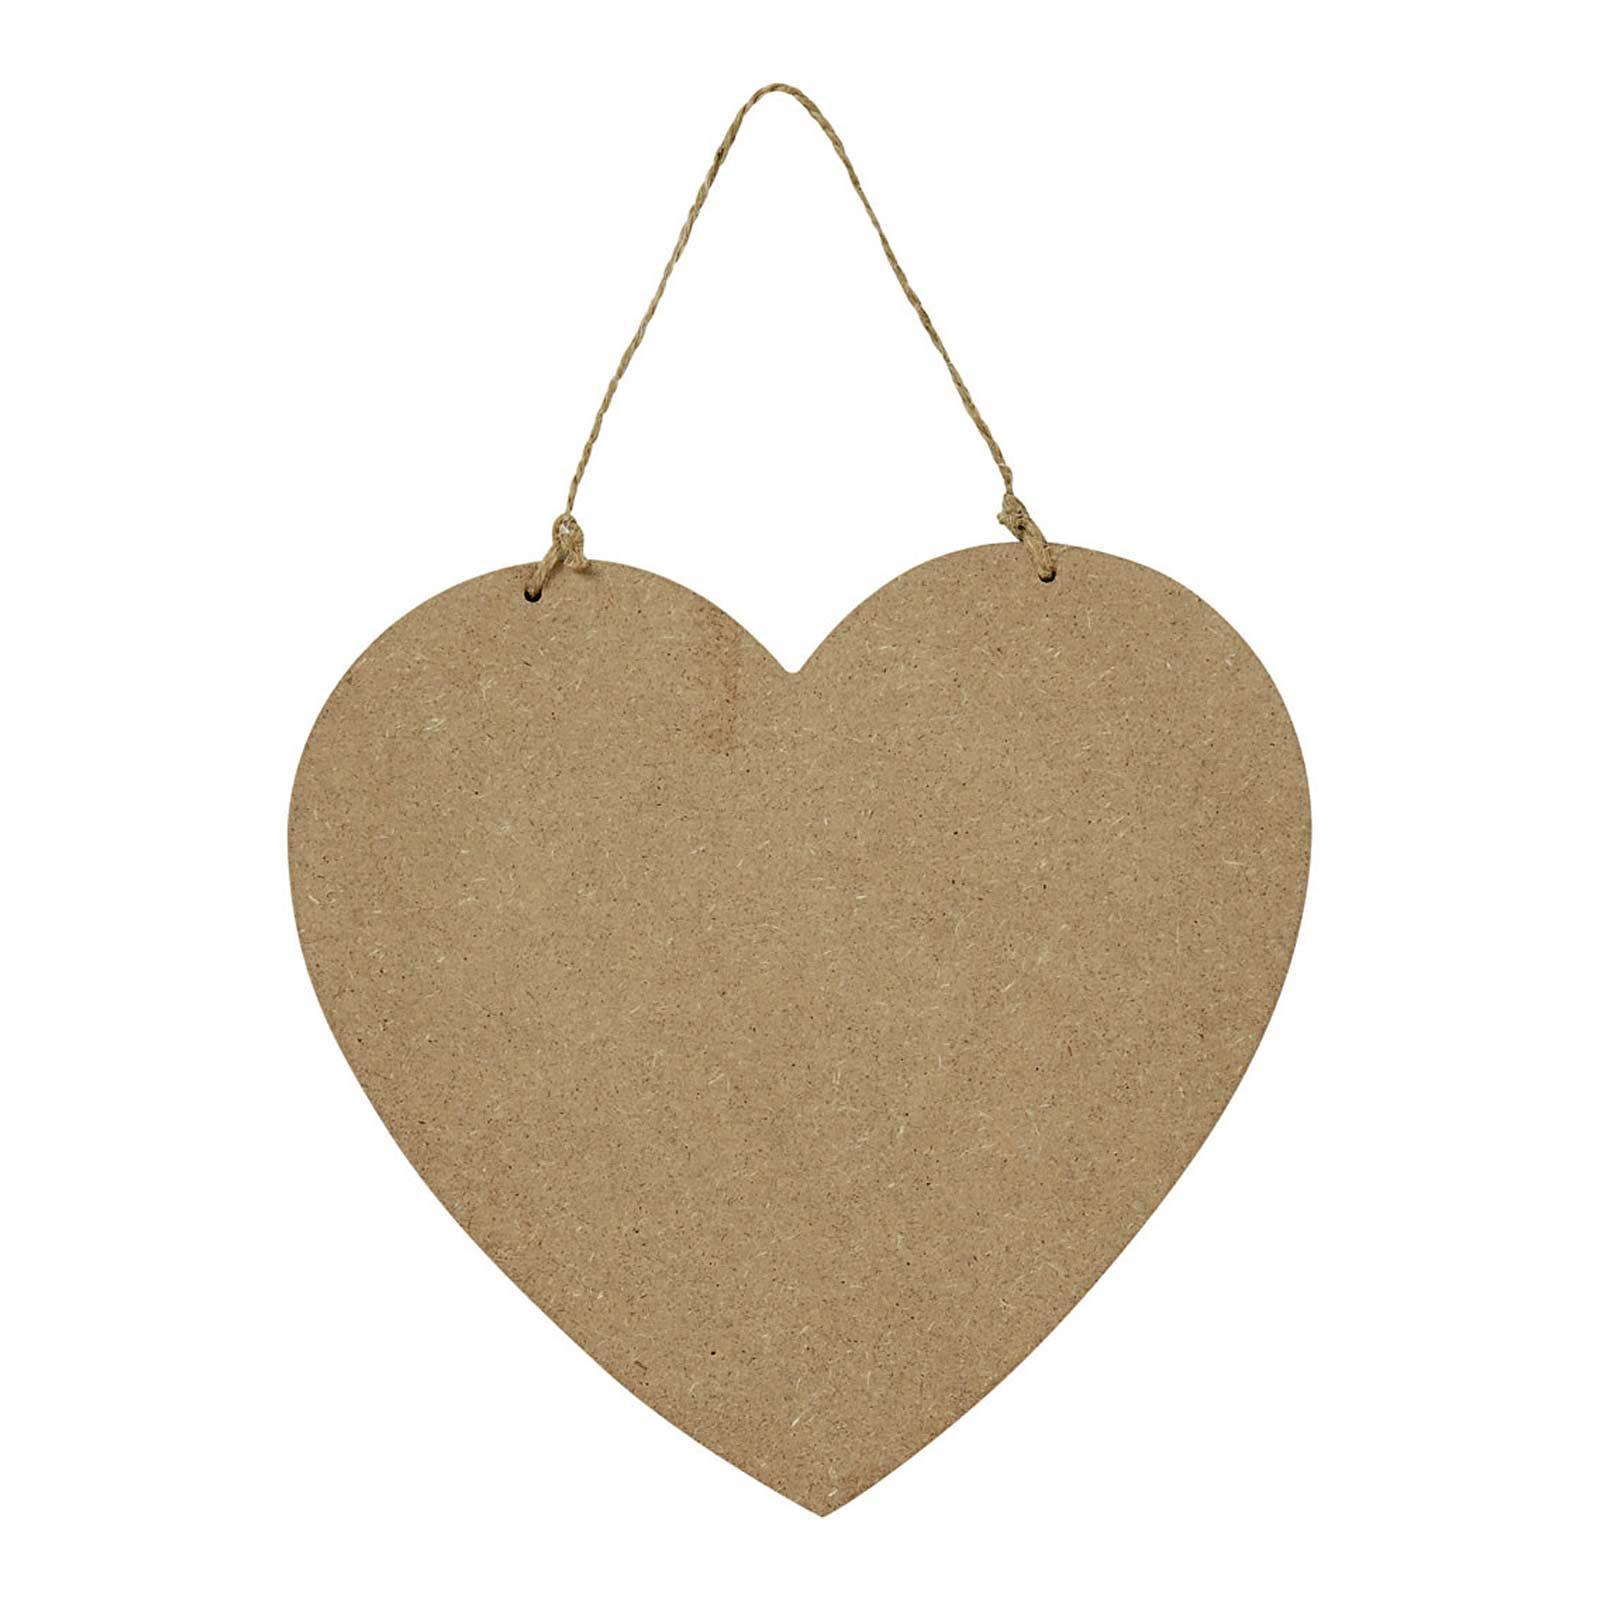 1 Tür-Schild in Herzform Wohndeko Wand-Schild aus Faserholz, Größenwahl – Bild 3